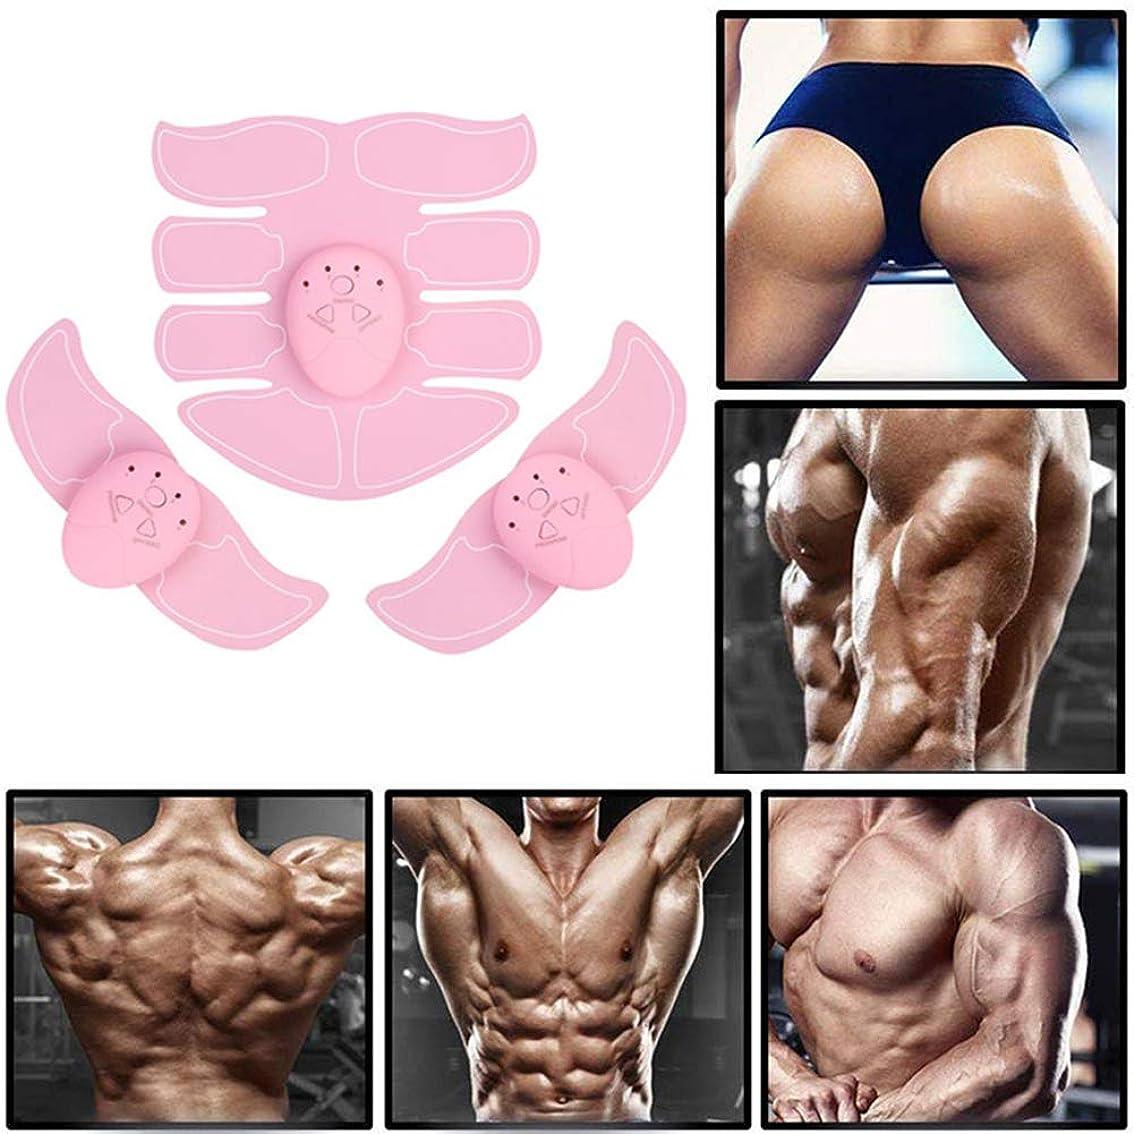 しつけ慢性的スティーブンソンEMSの筋肉刺激装置、筋肉の調子を整える腹部トレーナー、筋肉トレーニング男性と女性のためのAbベルトフィットネストレーニング機器